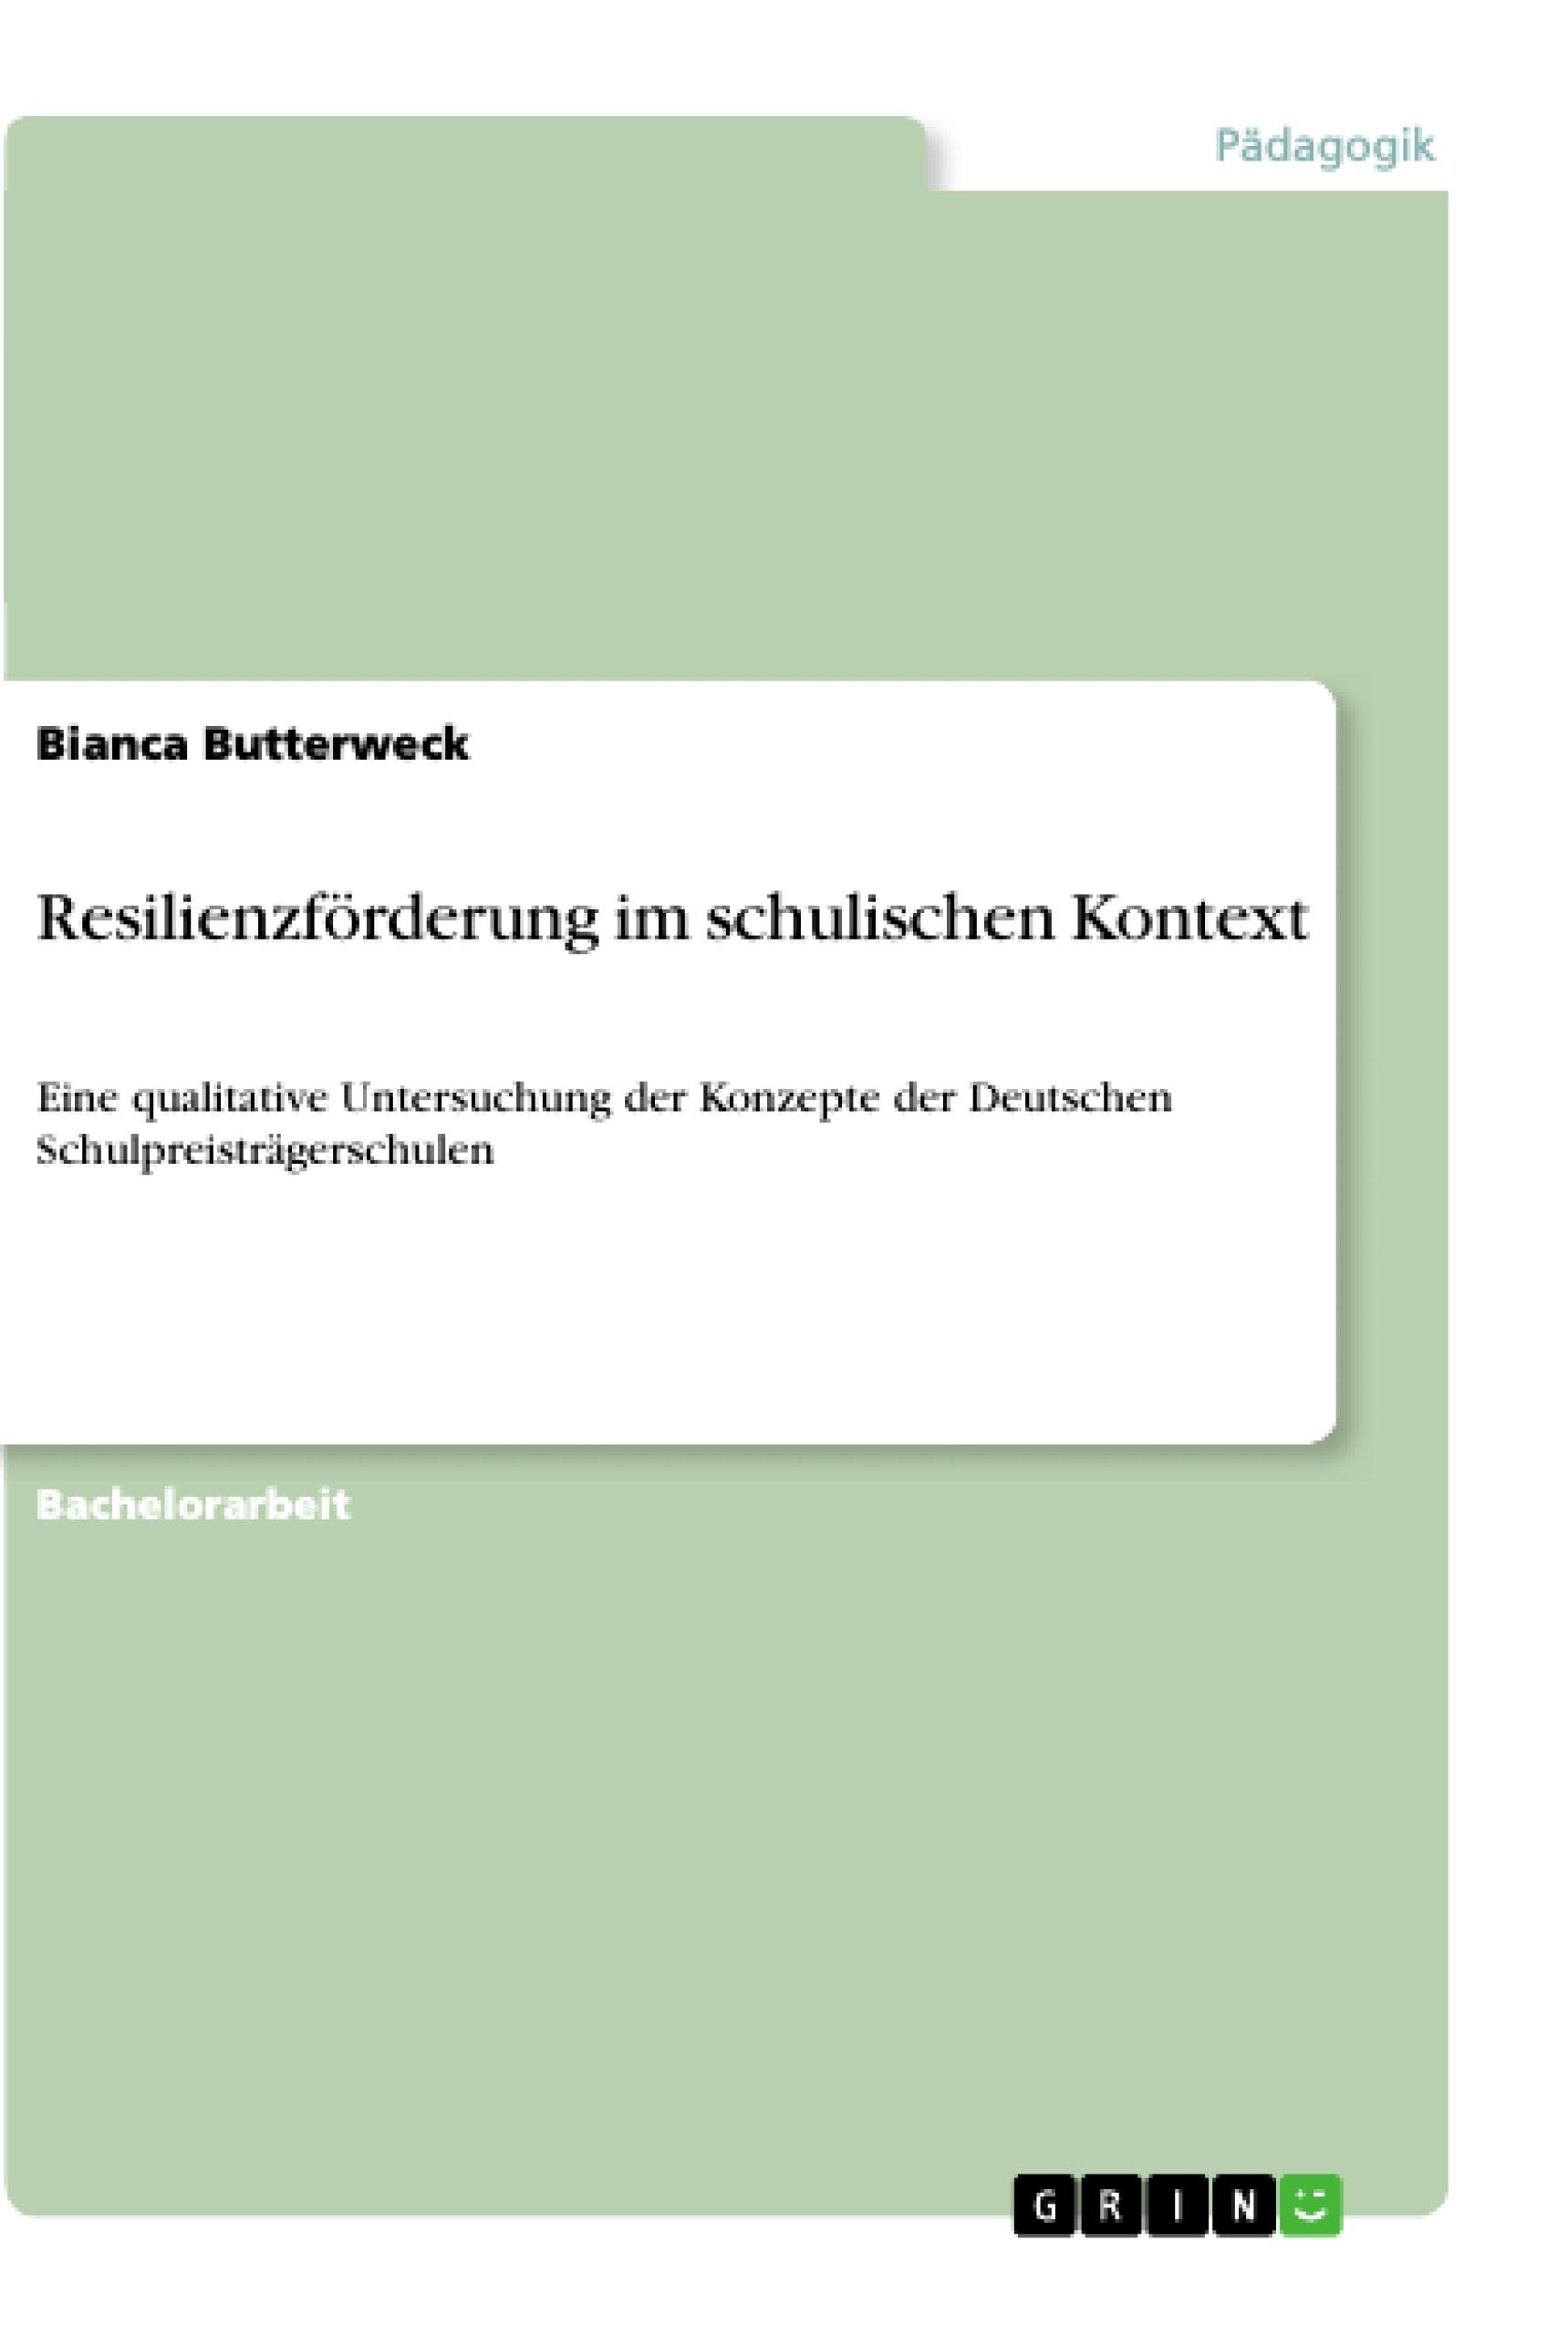 Titel: Resilienzförderung im schulischen Kontext